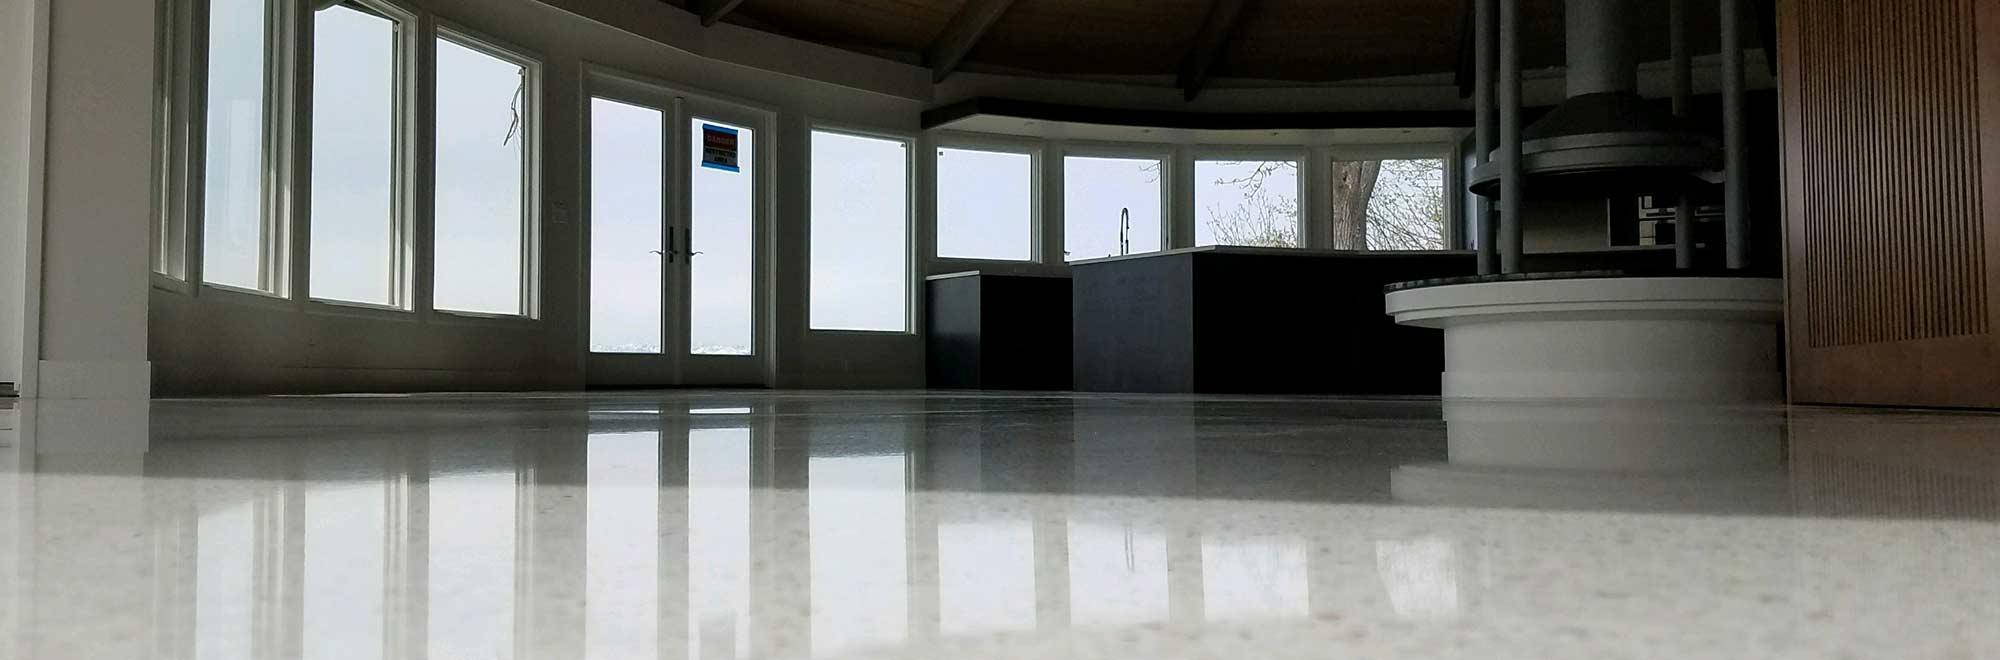 Decorative Flooring Terrazzo